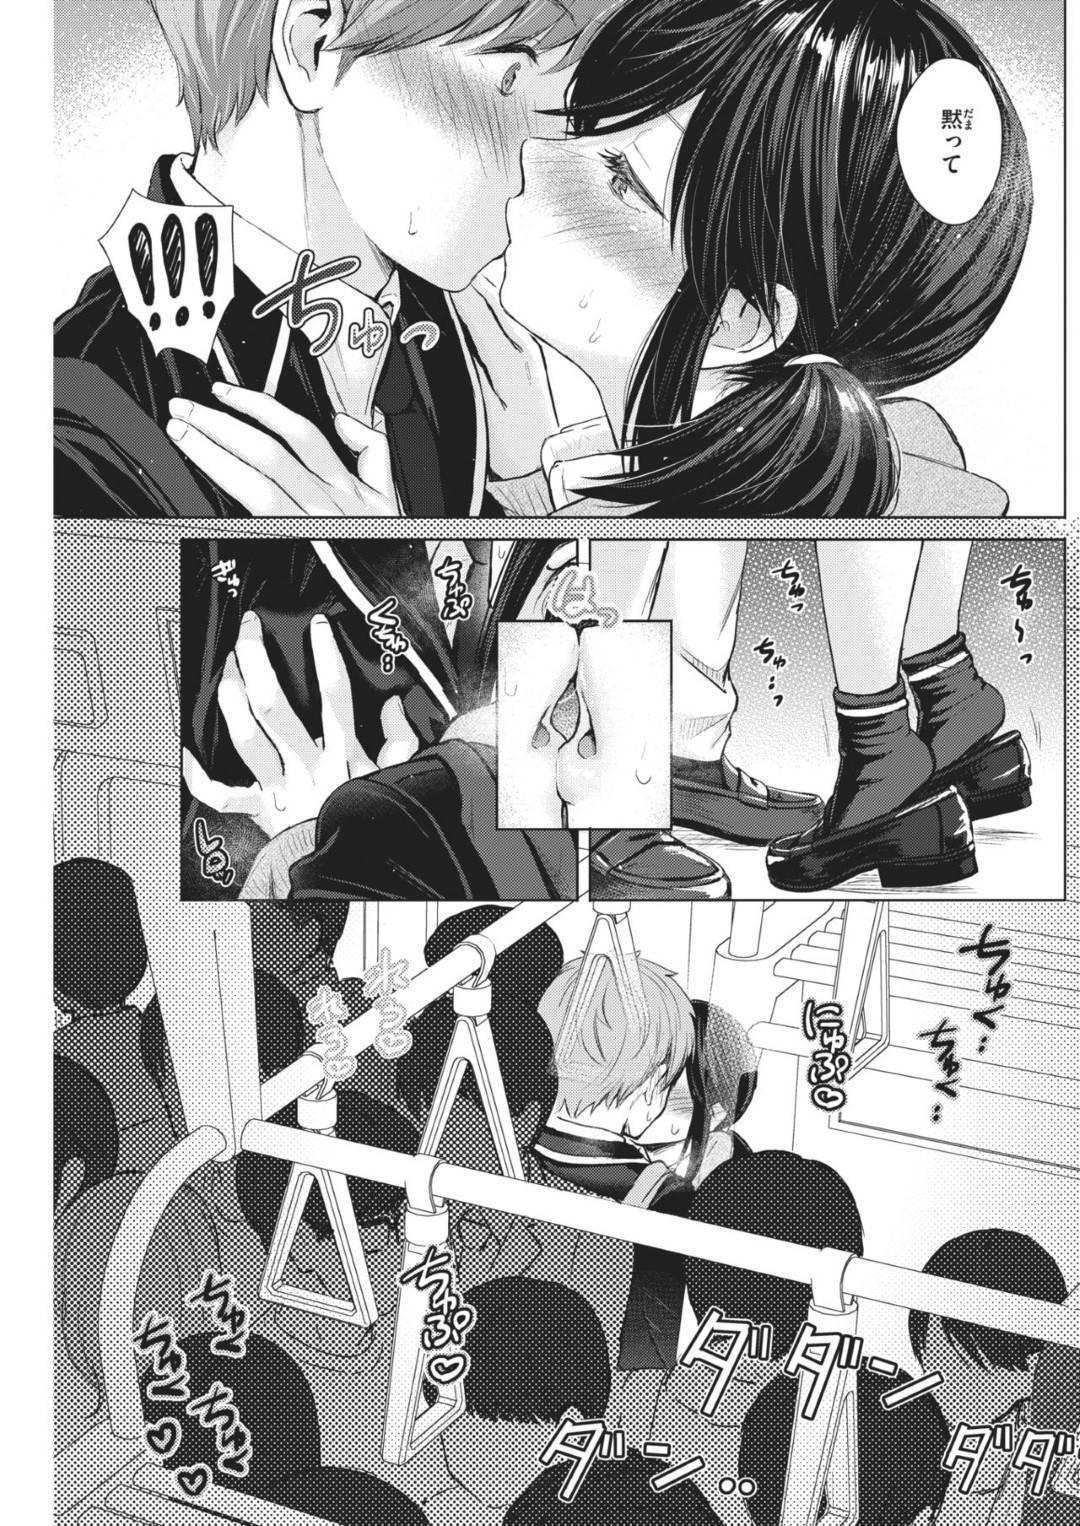 【エロ漫画】痴漢に遭っているところを助けられて以来、同級生の主人公と一緒な電車に乗るようになったツンデレJK。ある日満員電車なあまり密着状態になった二人はそのままエッチな雰囲気となり学校をサボってカラオケでいちゃラブセックスしてしまう。